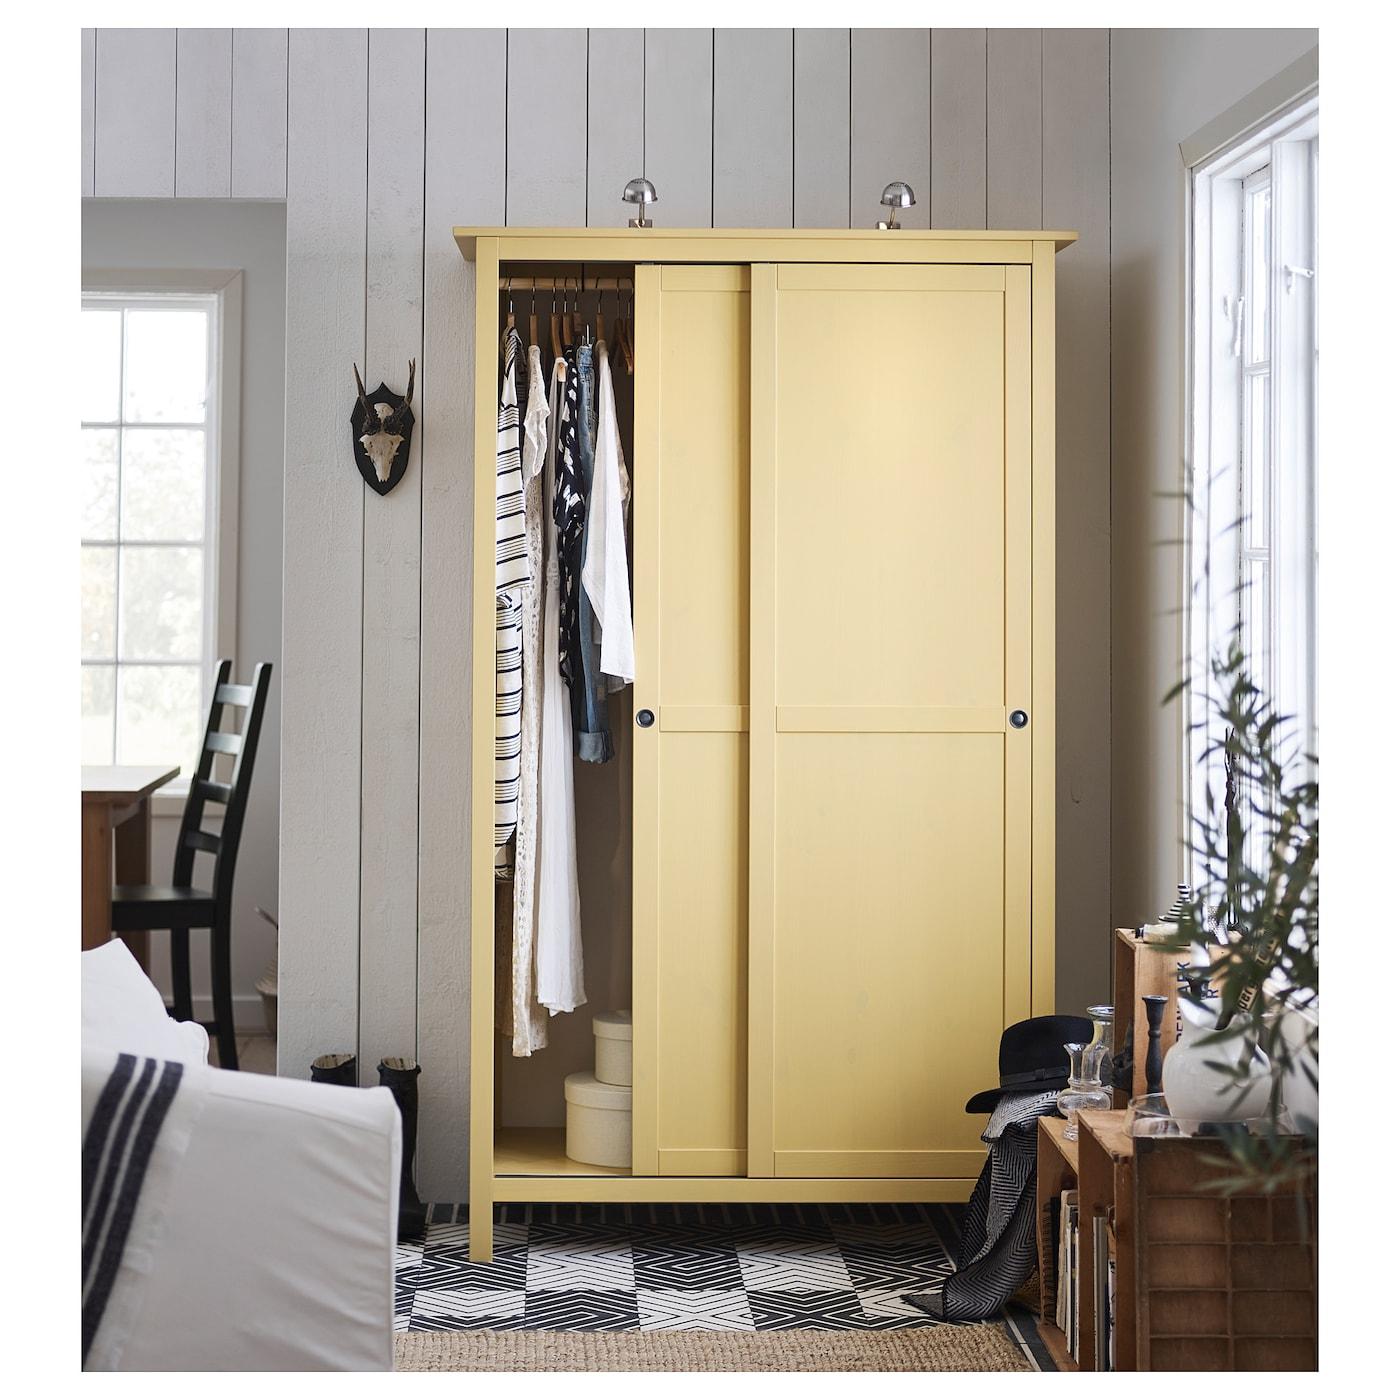 Hemnes armario 2 puertas correderas amarillo 120 x 197 cm ikea - Puerta corredera 120 cm ...